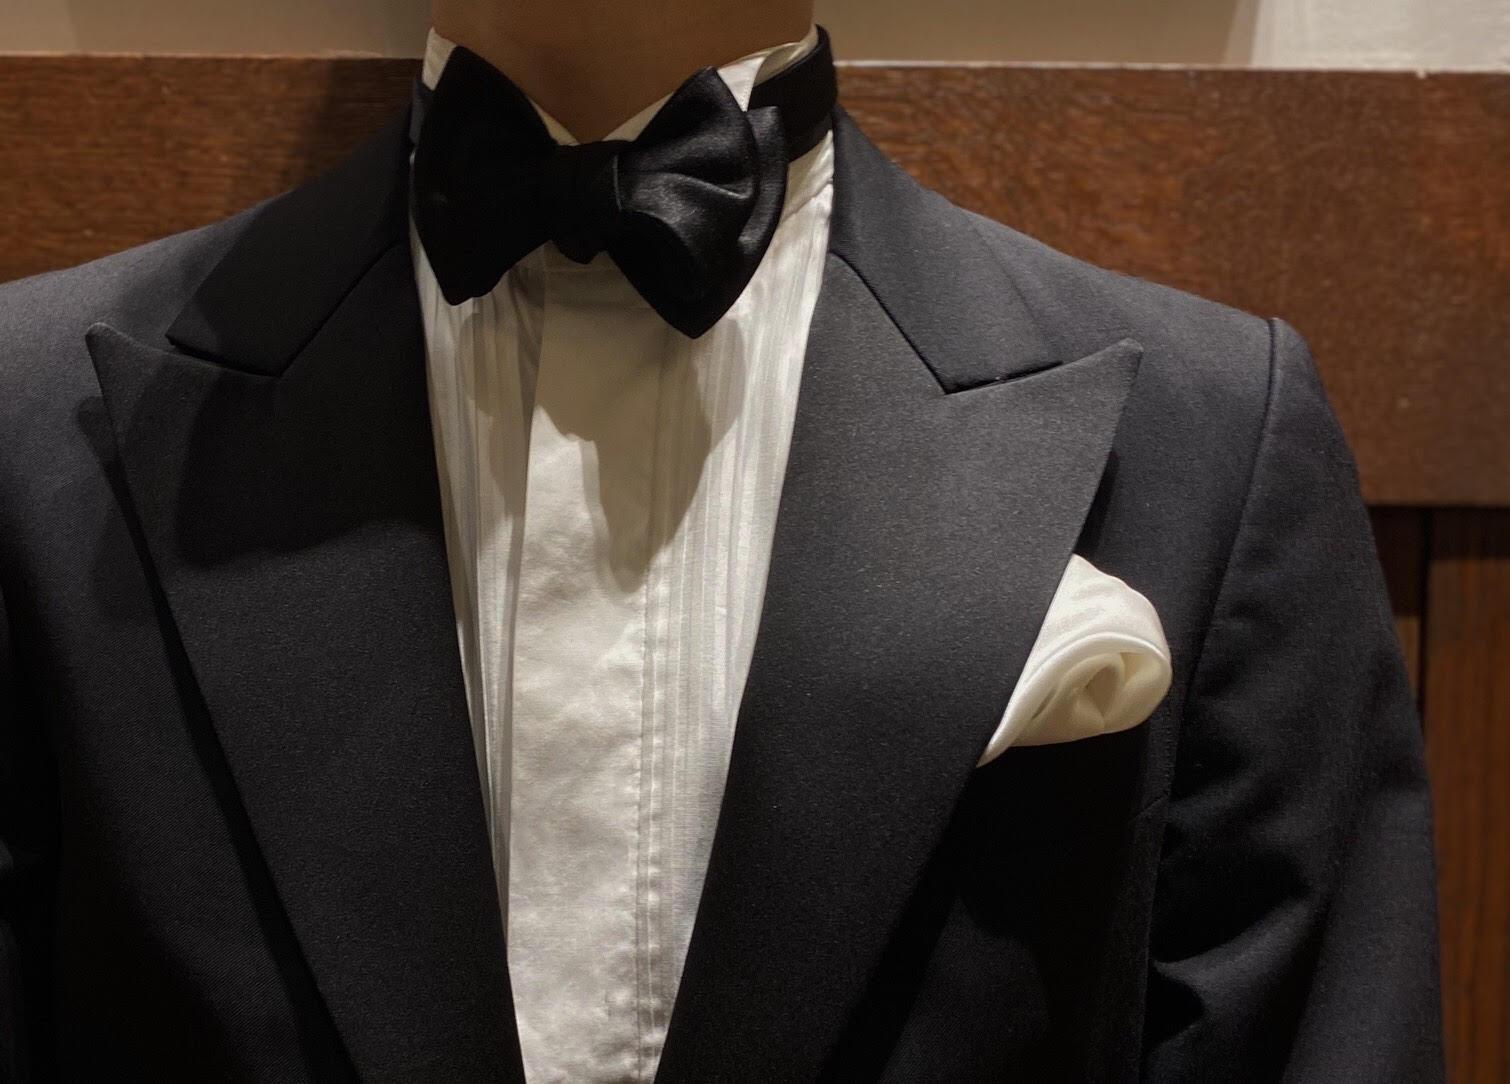 ザ・トリートドレッシング名古屋店にて人気のブラックのタキシードのコーディネートにおすすめの100HANDSのプリーツのフォーマルシャツ